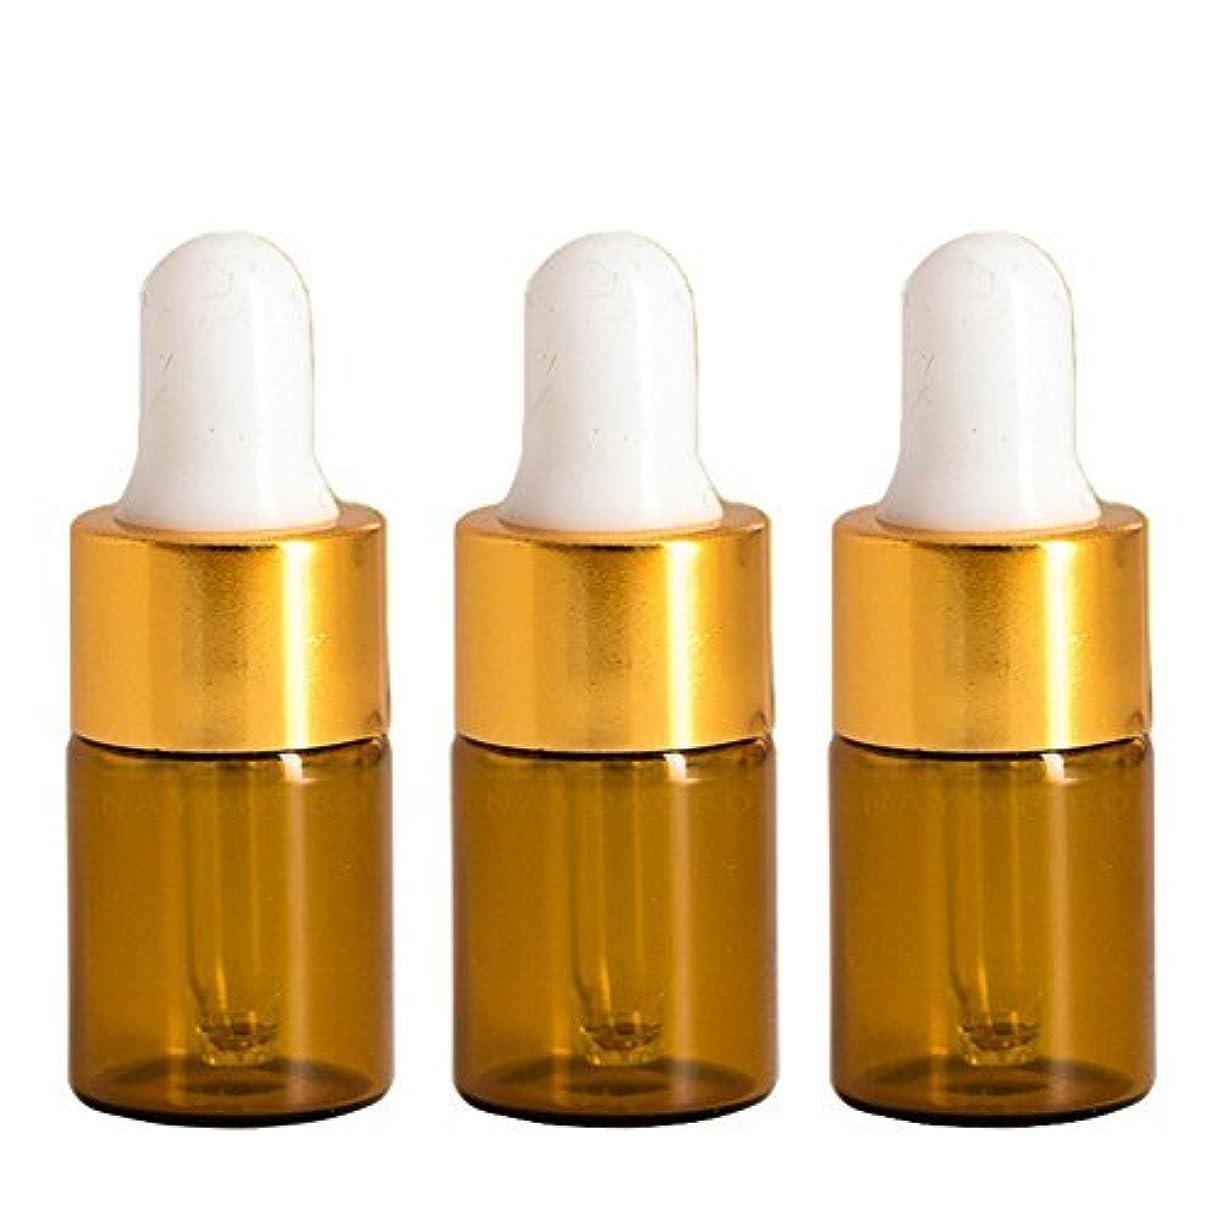 イーウェル広範囲マイナーFurnido 15 pieces Mini Amber Glass Bottle with White Glass Pipette Dropper Rubber &Gold caps for Small Portable...